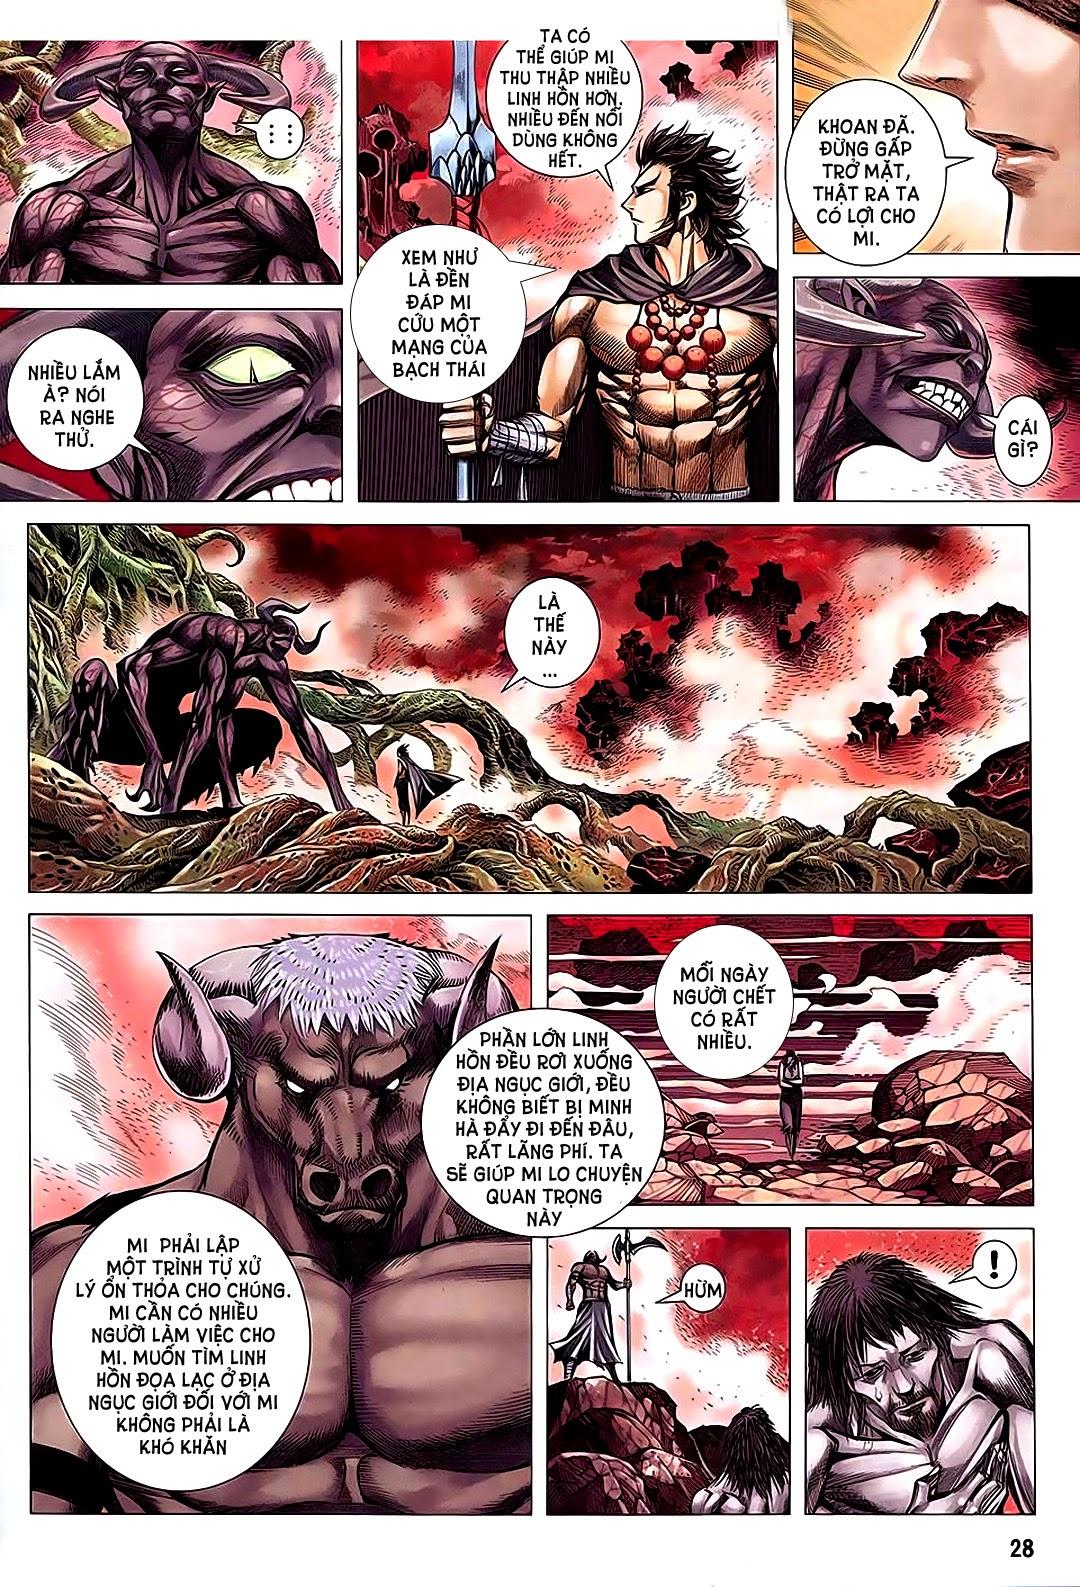 Phong Thần Ký chap 182 – End Trang 28 - Mangak.info